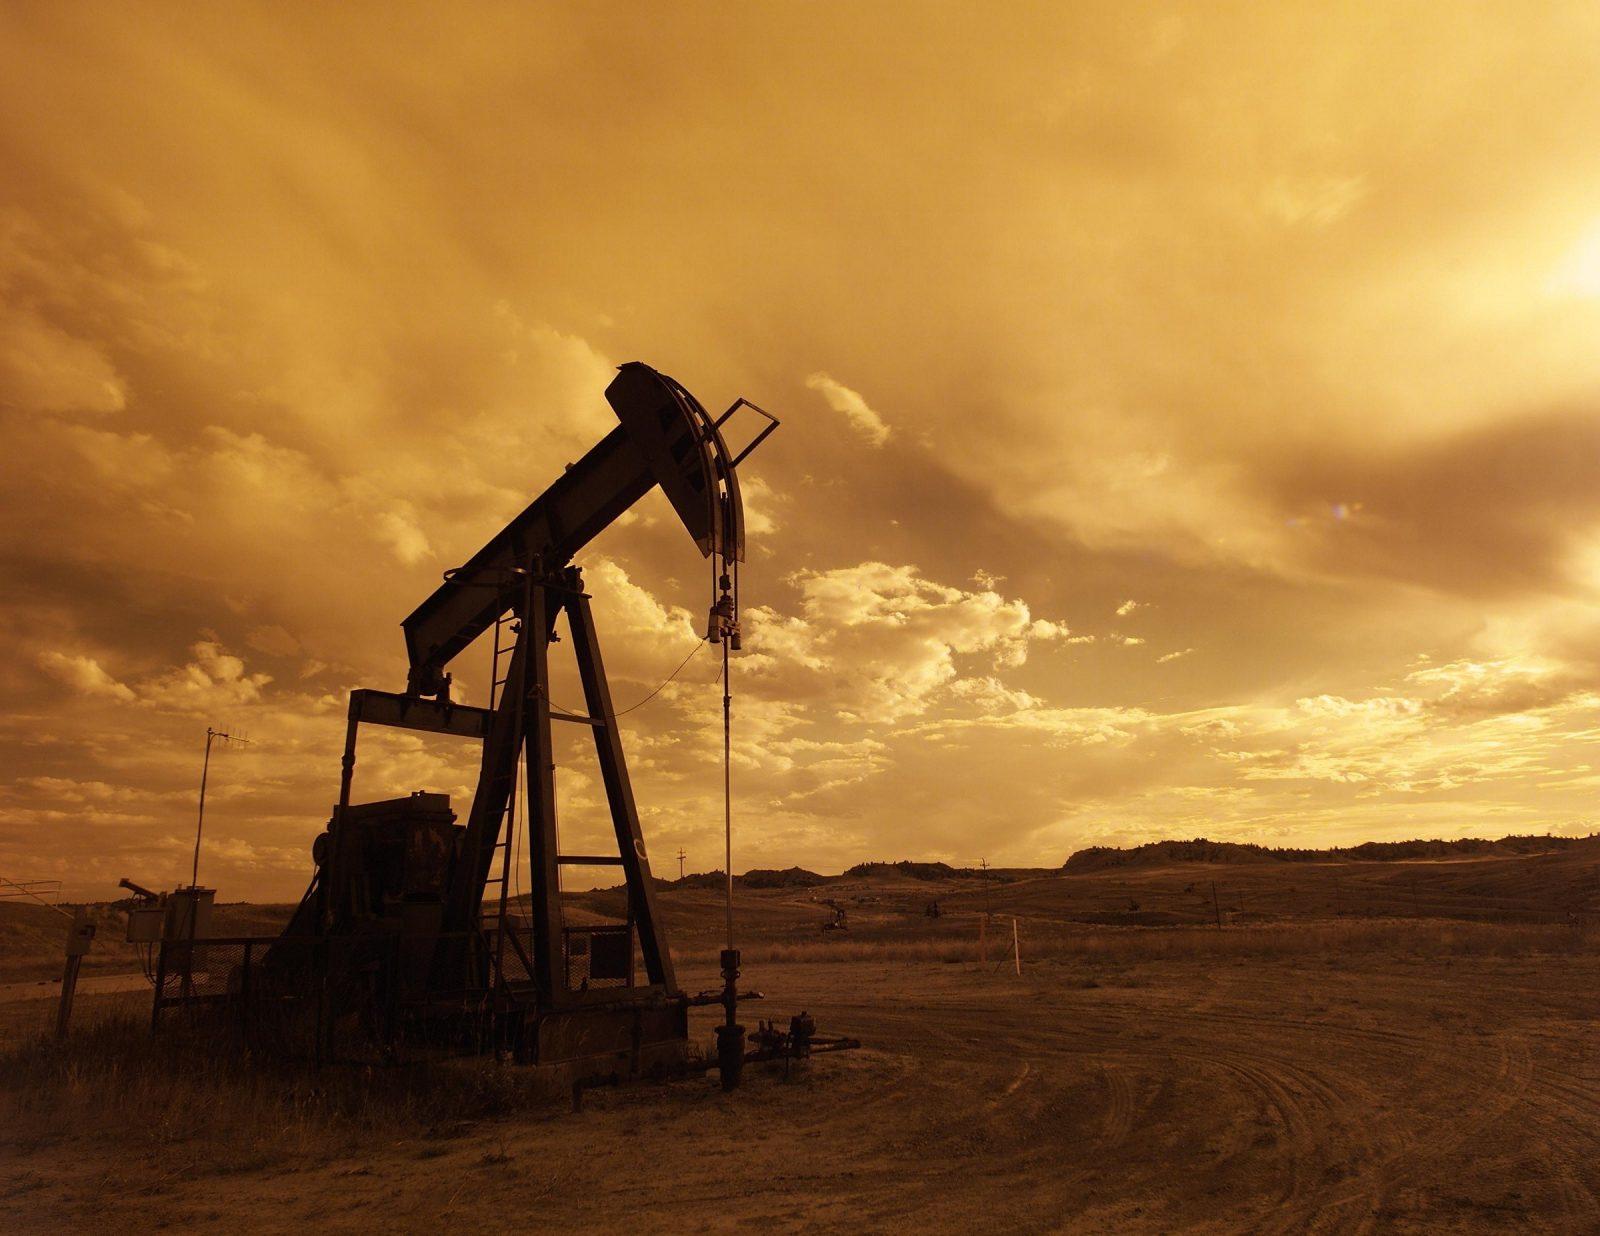 Le cours du pétrole s'effondre face à la Russie qui s'oppose aux réductions de production souhaitées par l'OPEP